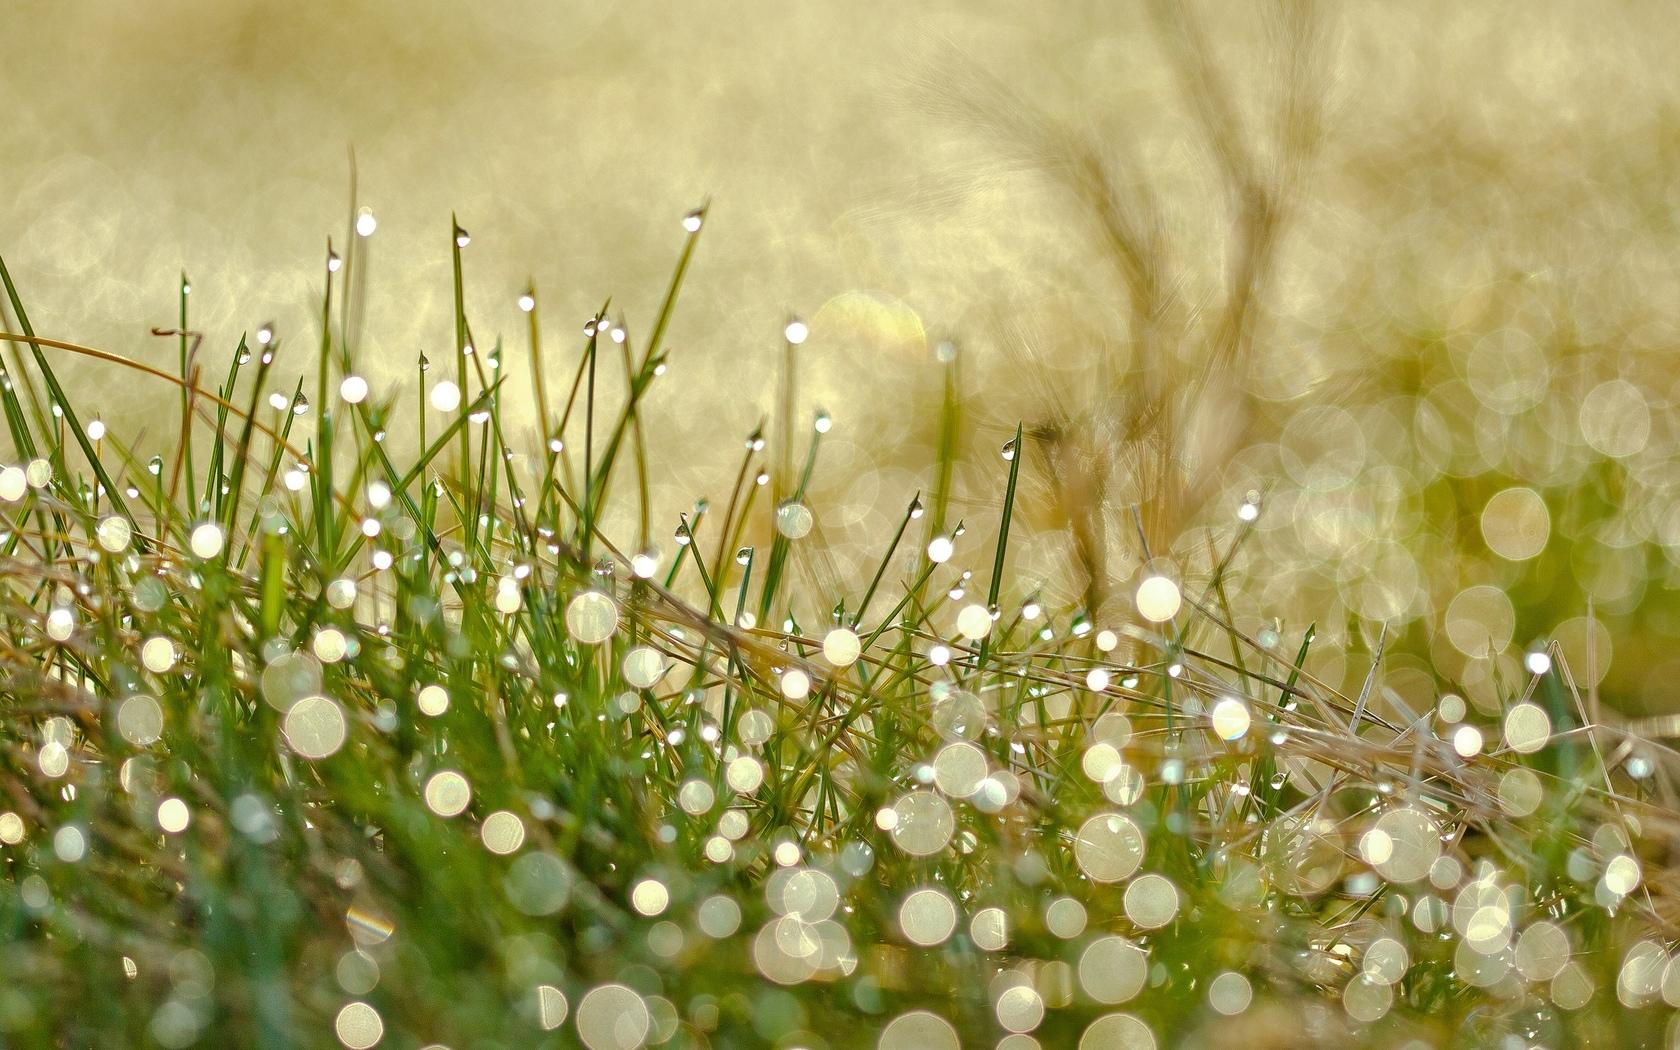 картинки солнечные весна макро распространенным для общего